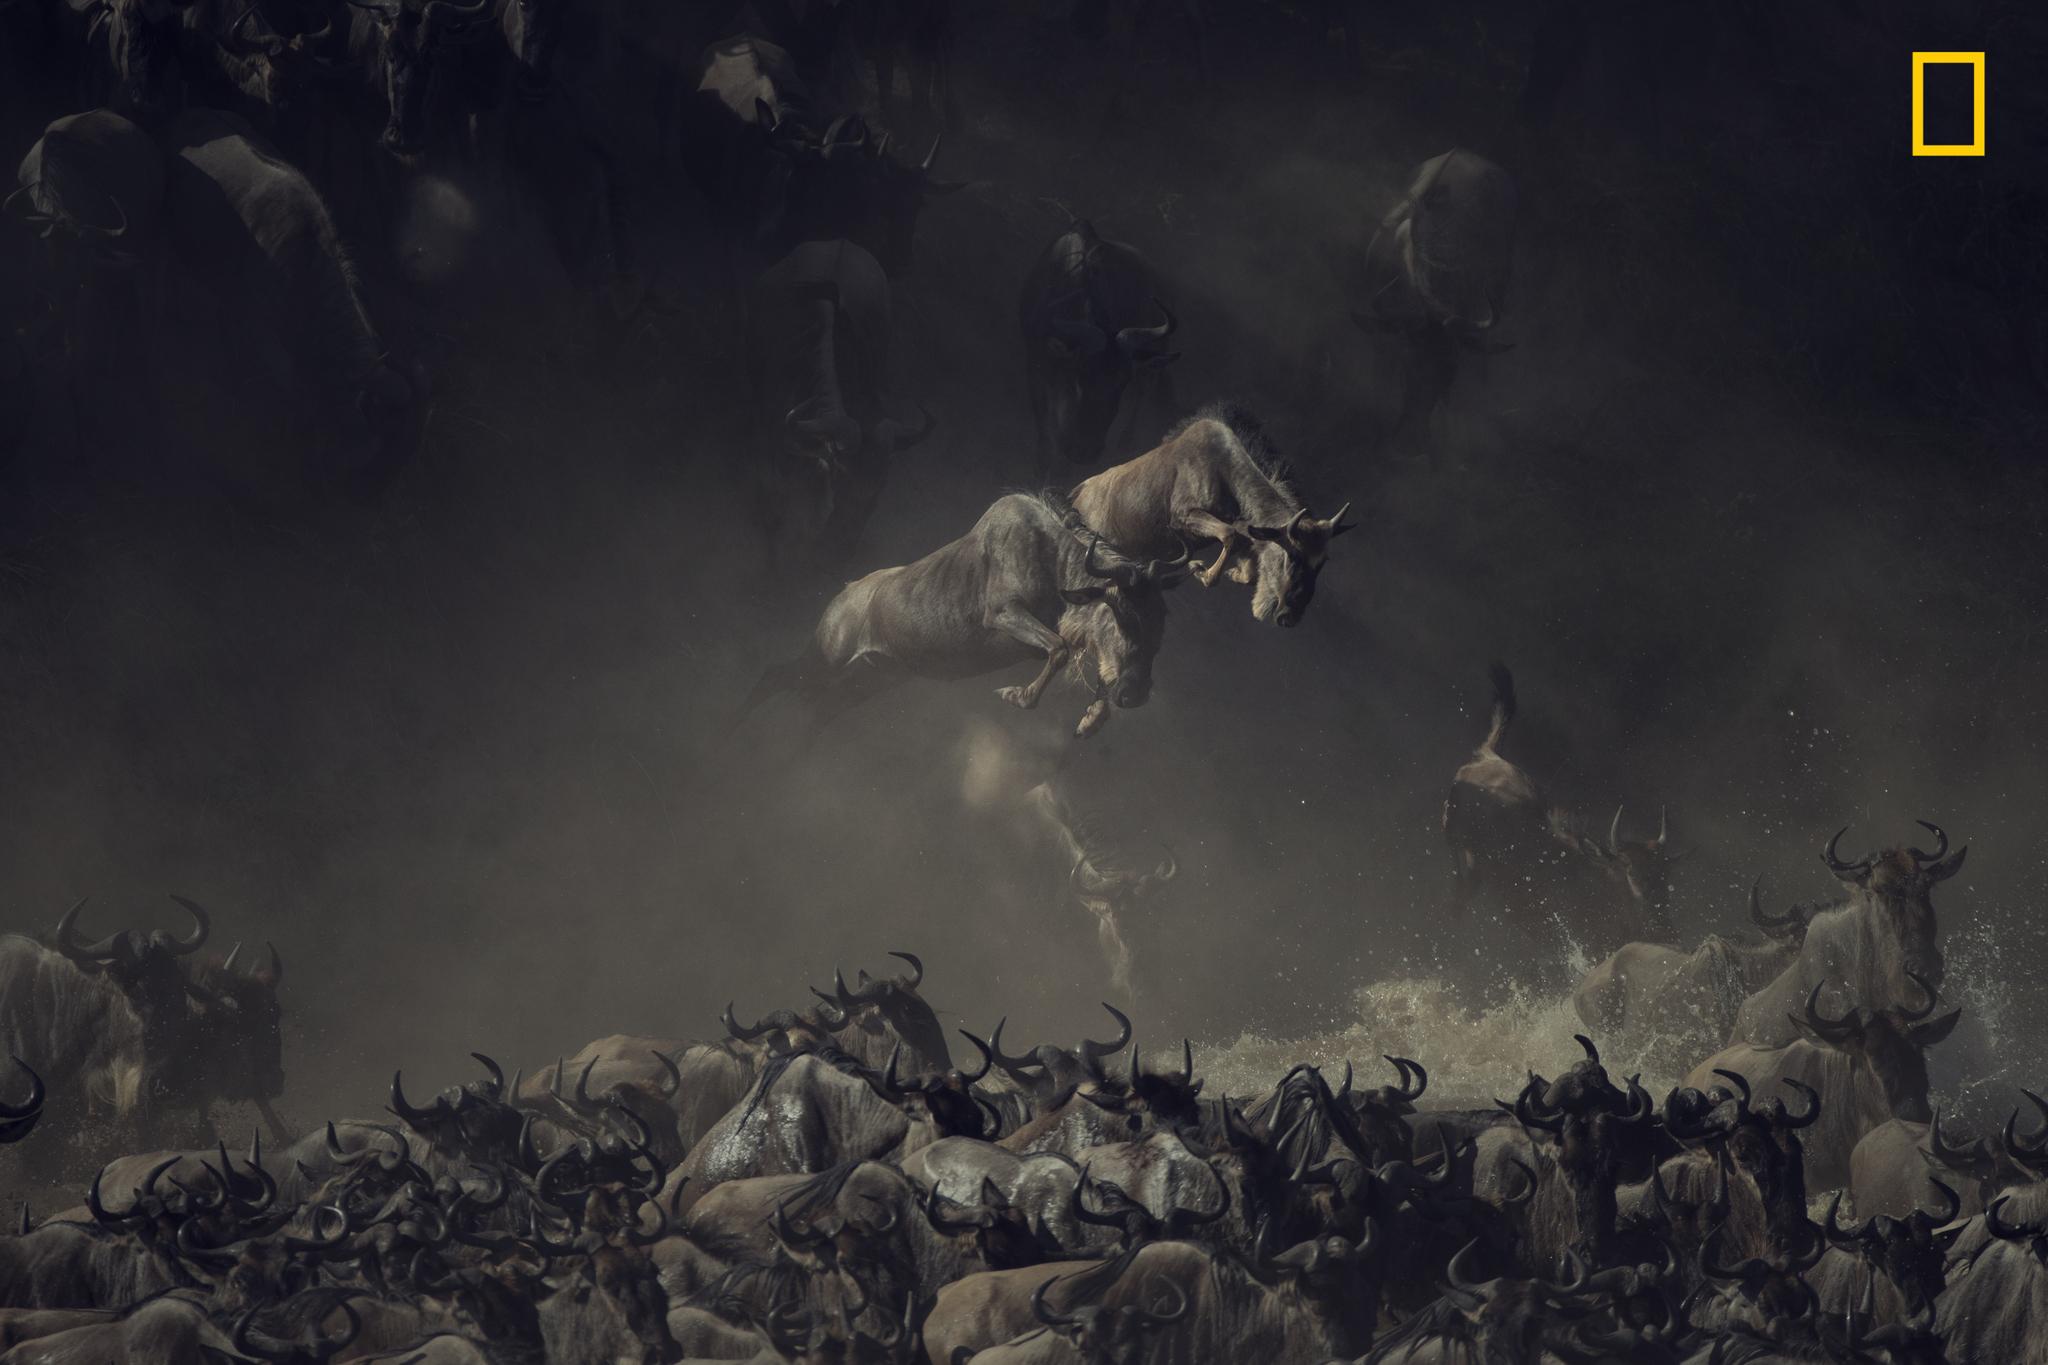 Ñus cruzando el río Mara.